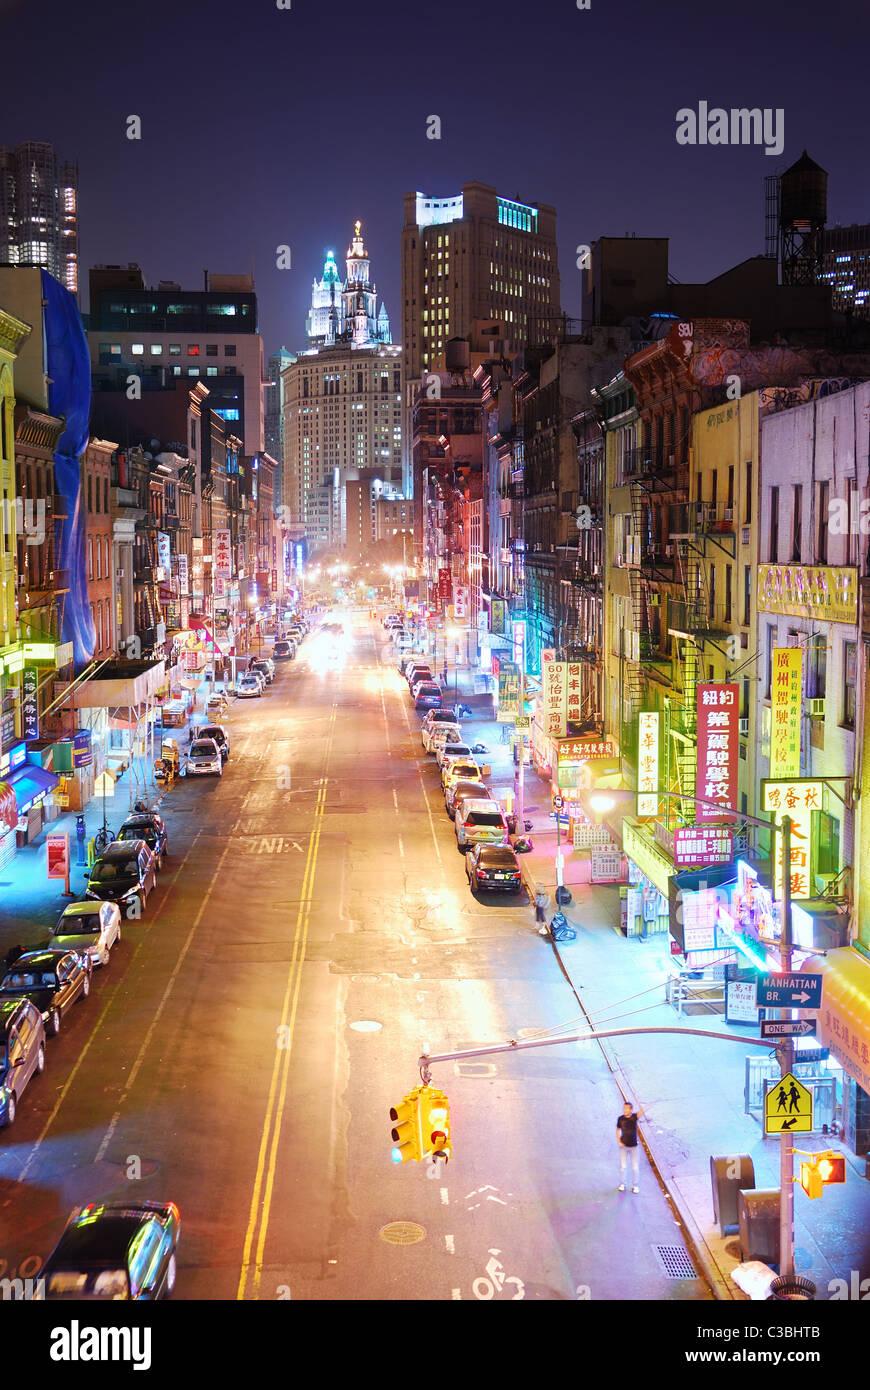 Manhattan Chinatown At Night In New York City Stock Photo Alamy